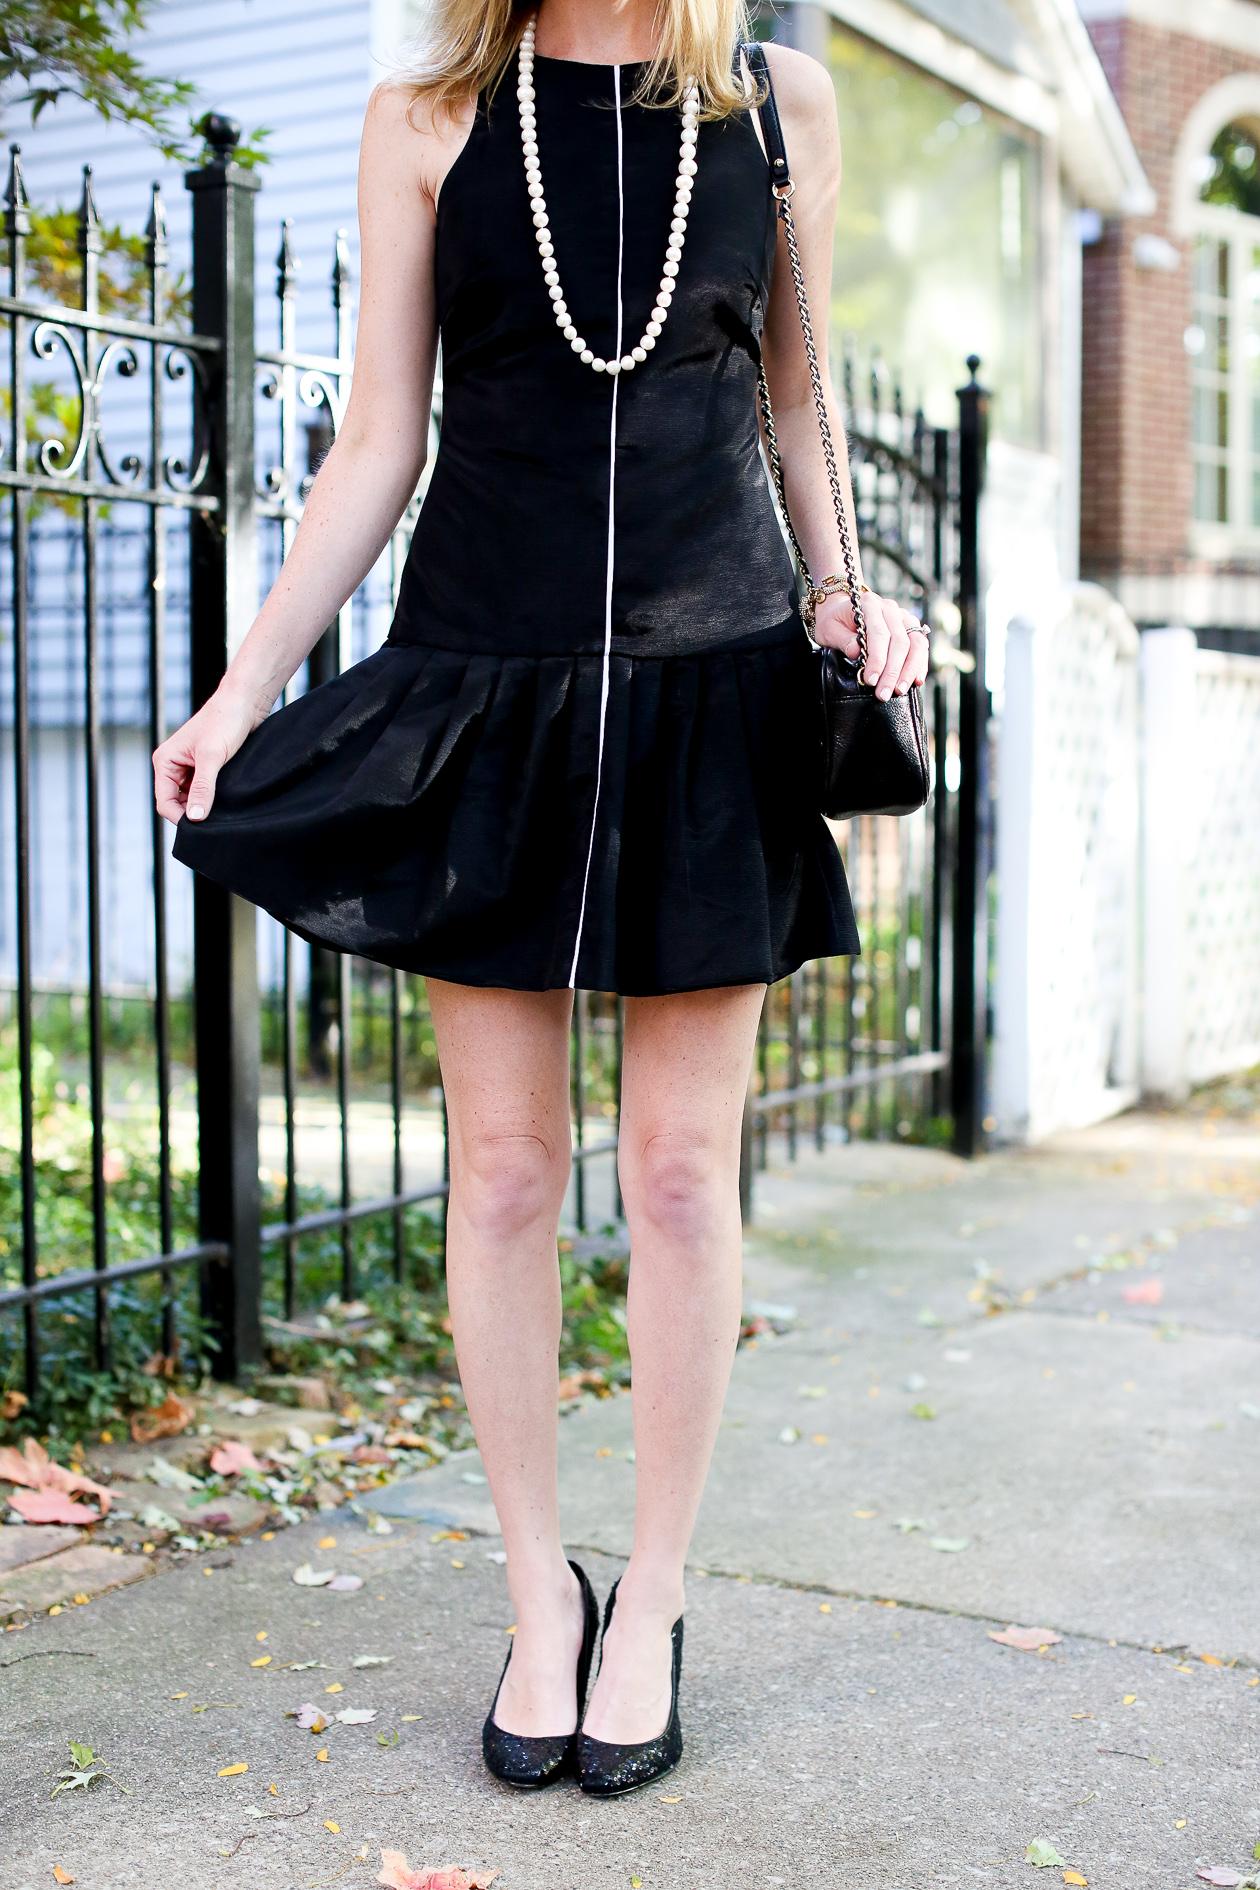 Camilyn Beth Black Ruffled Dress-48